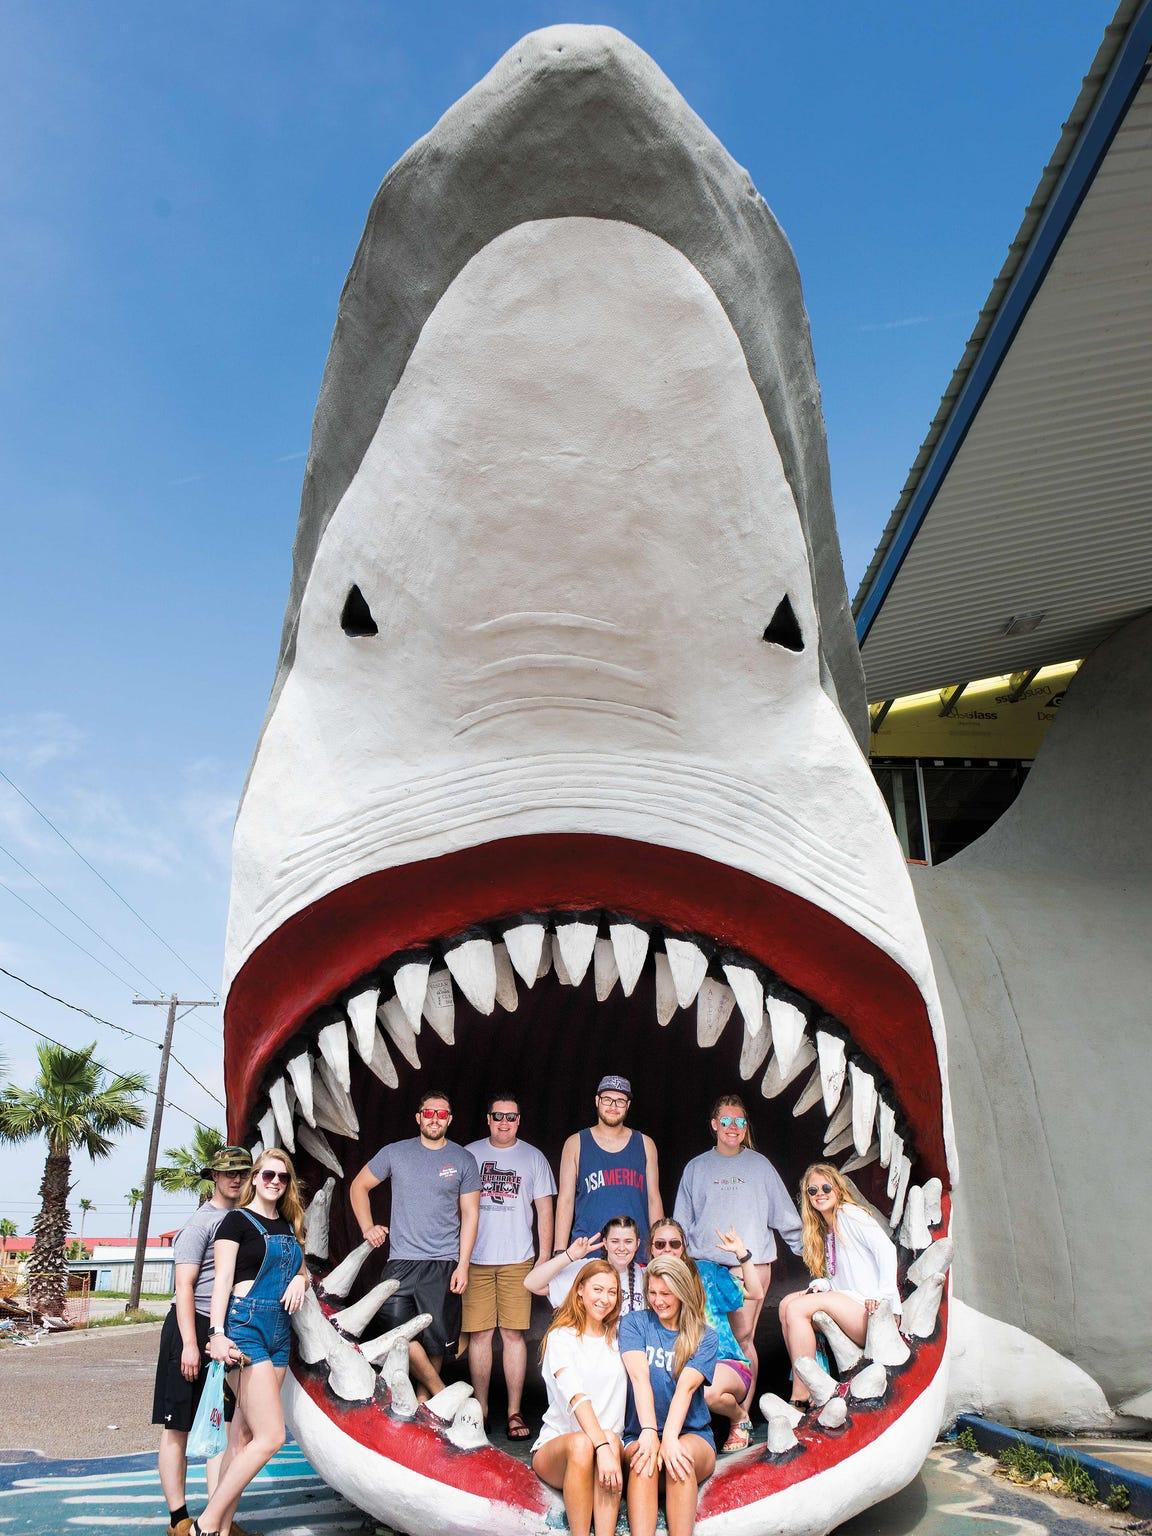 This massive open-jawed shark sculpture, a popular